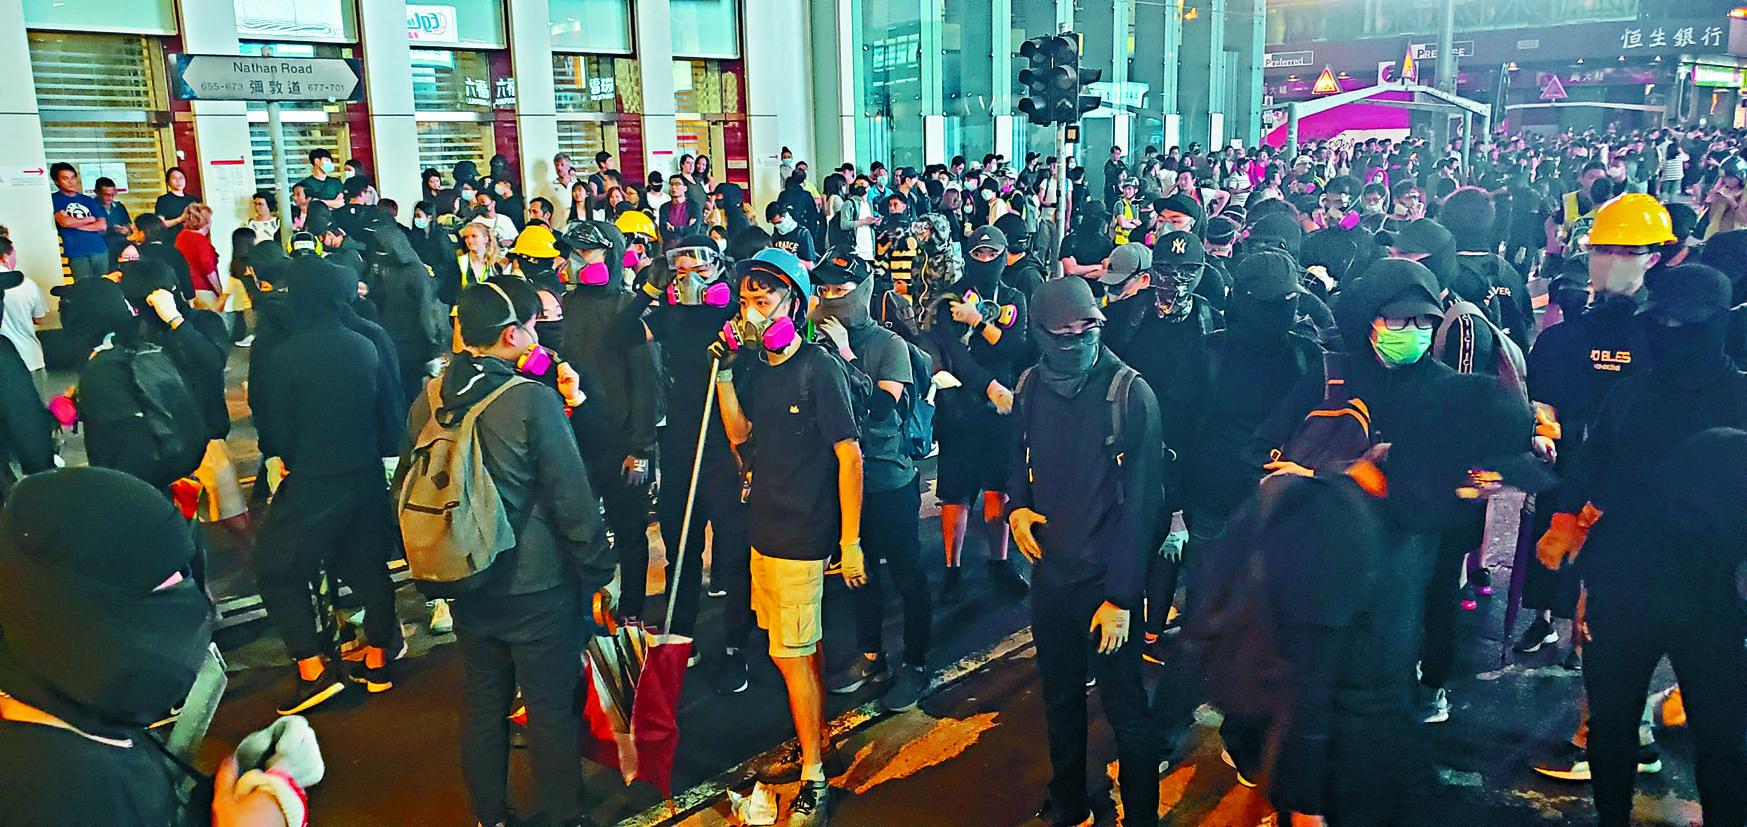 大批黑衣人走出彌敦道行車綫堵路及進行破壞。